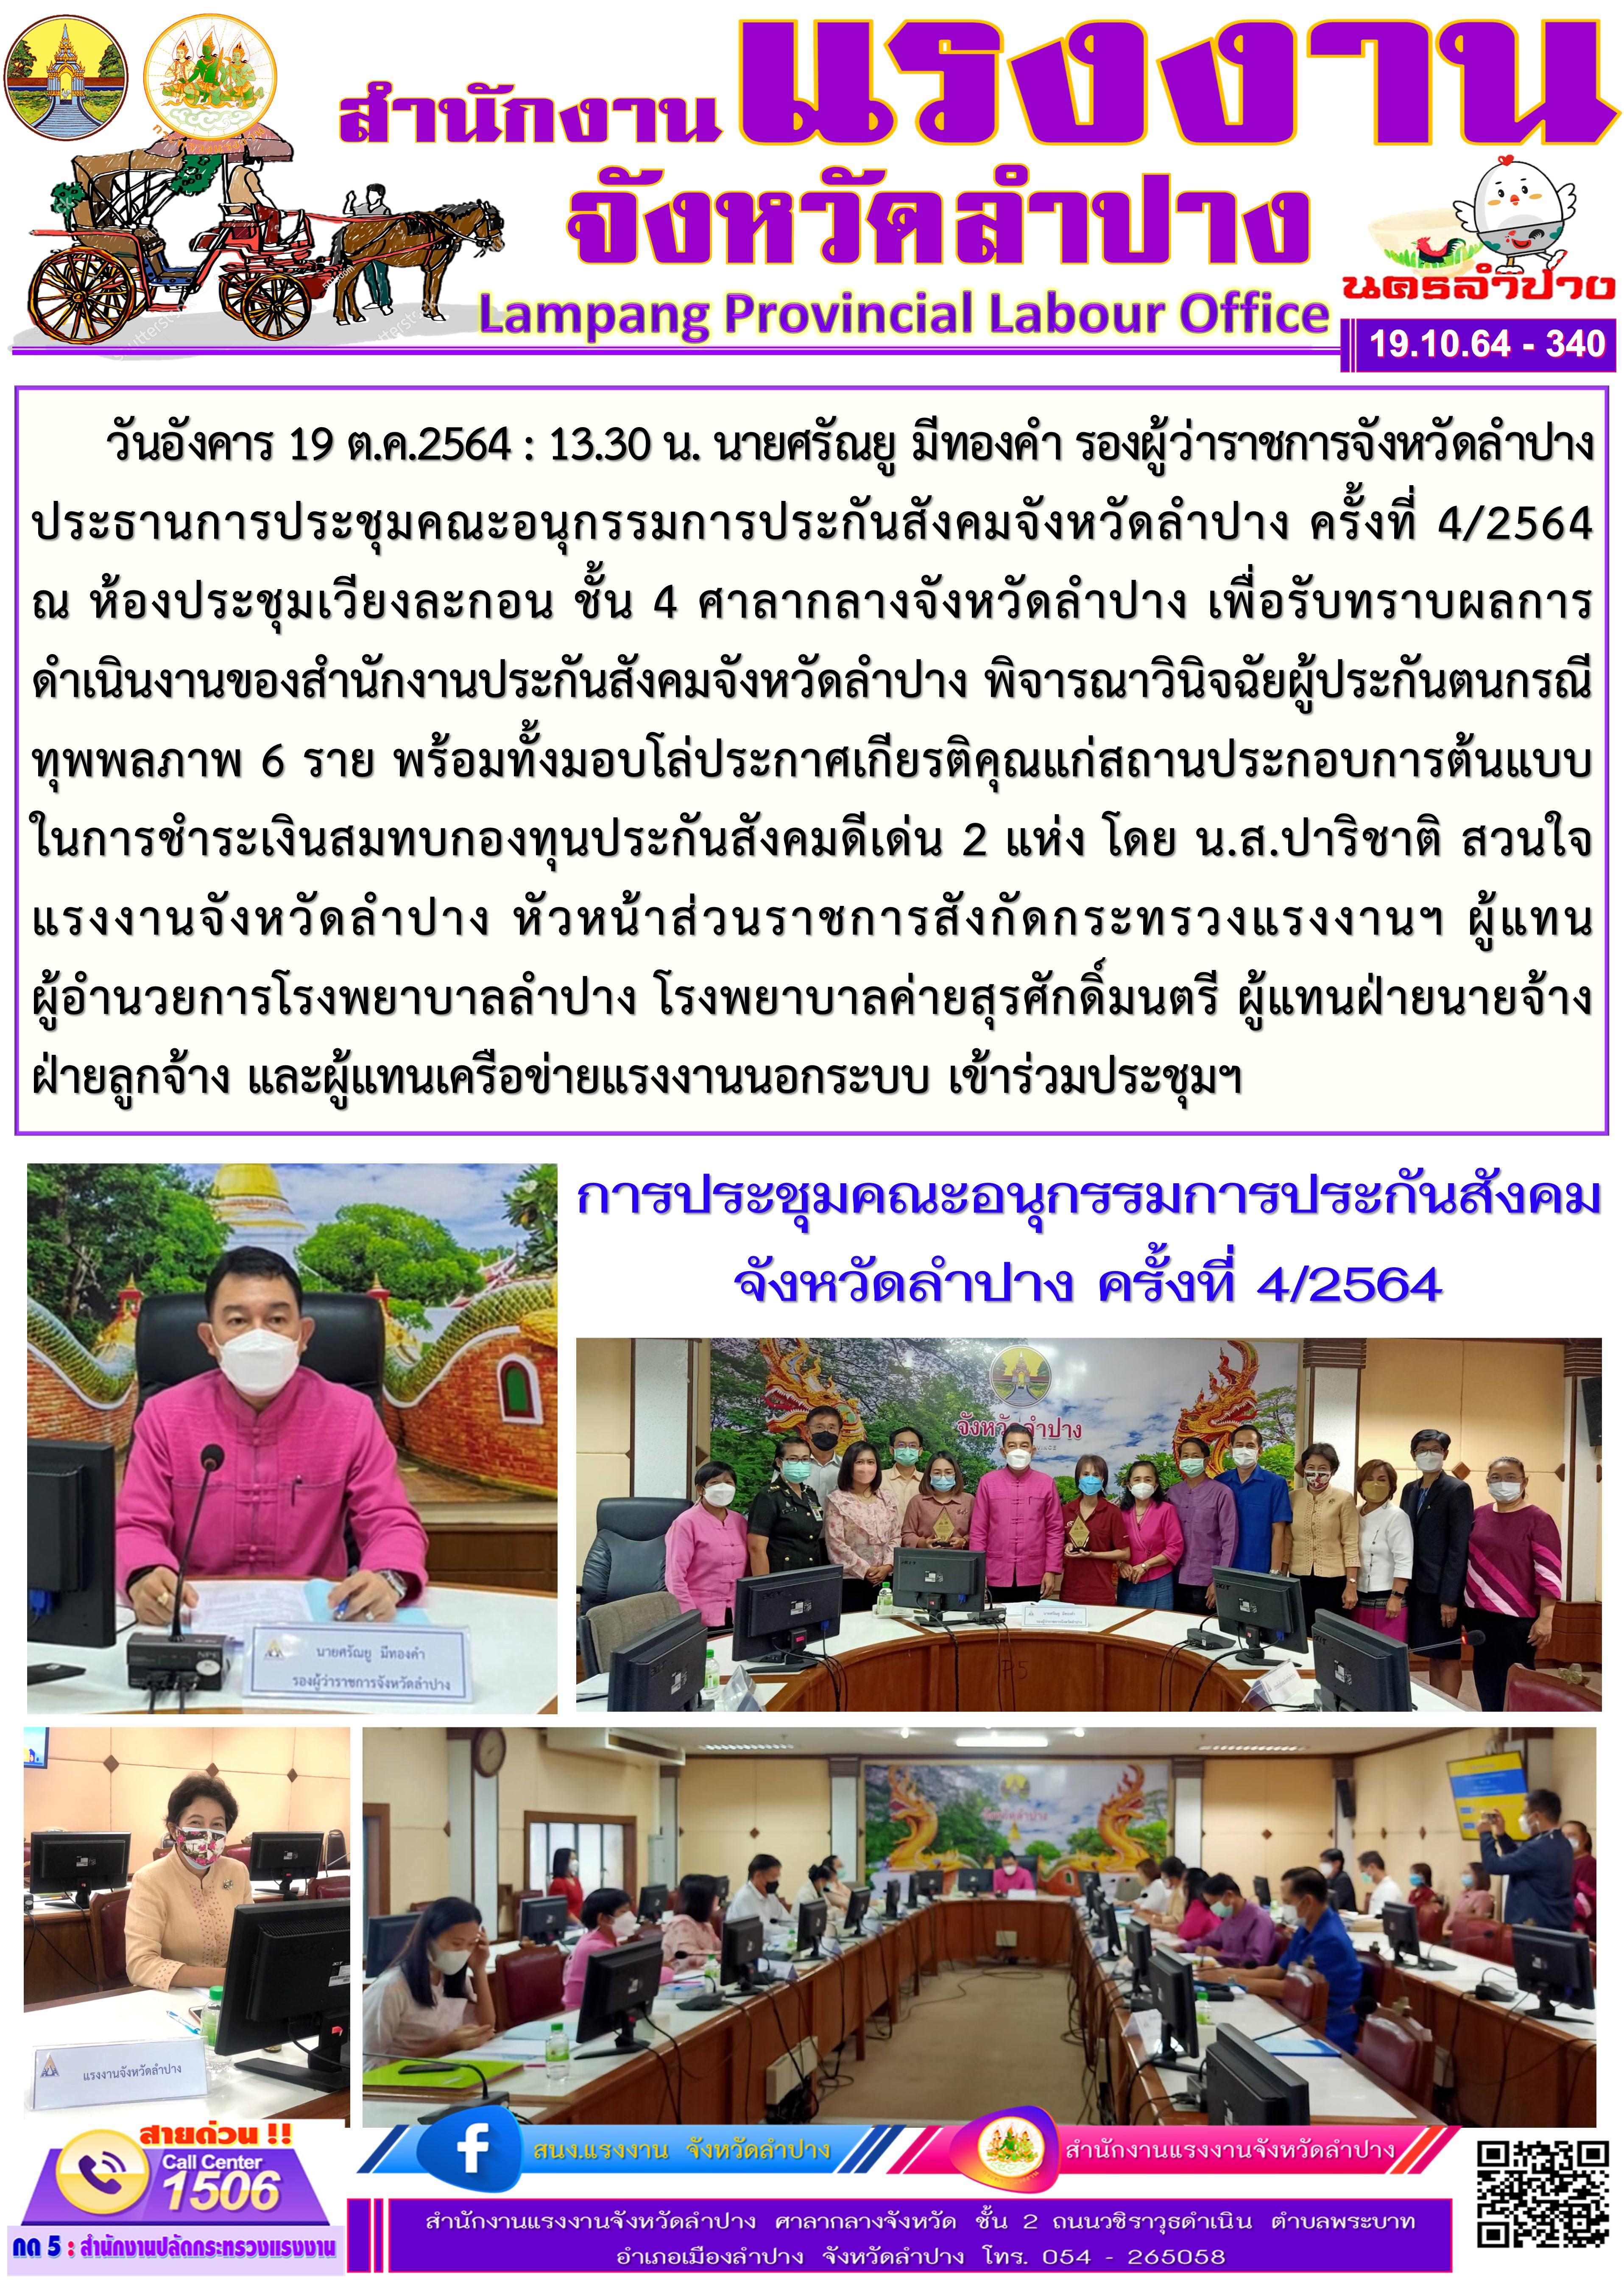 ร่วมประชุมคณะอนุกรรมการประกันสังคม จังหวัดลำปาง ครั้งที่ 4/2564